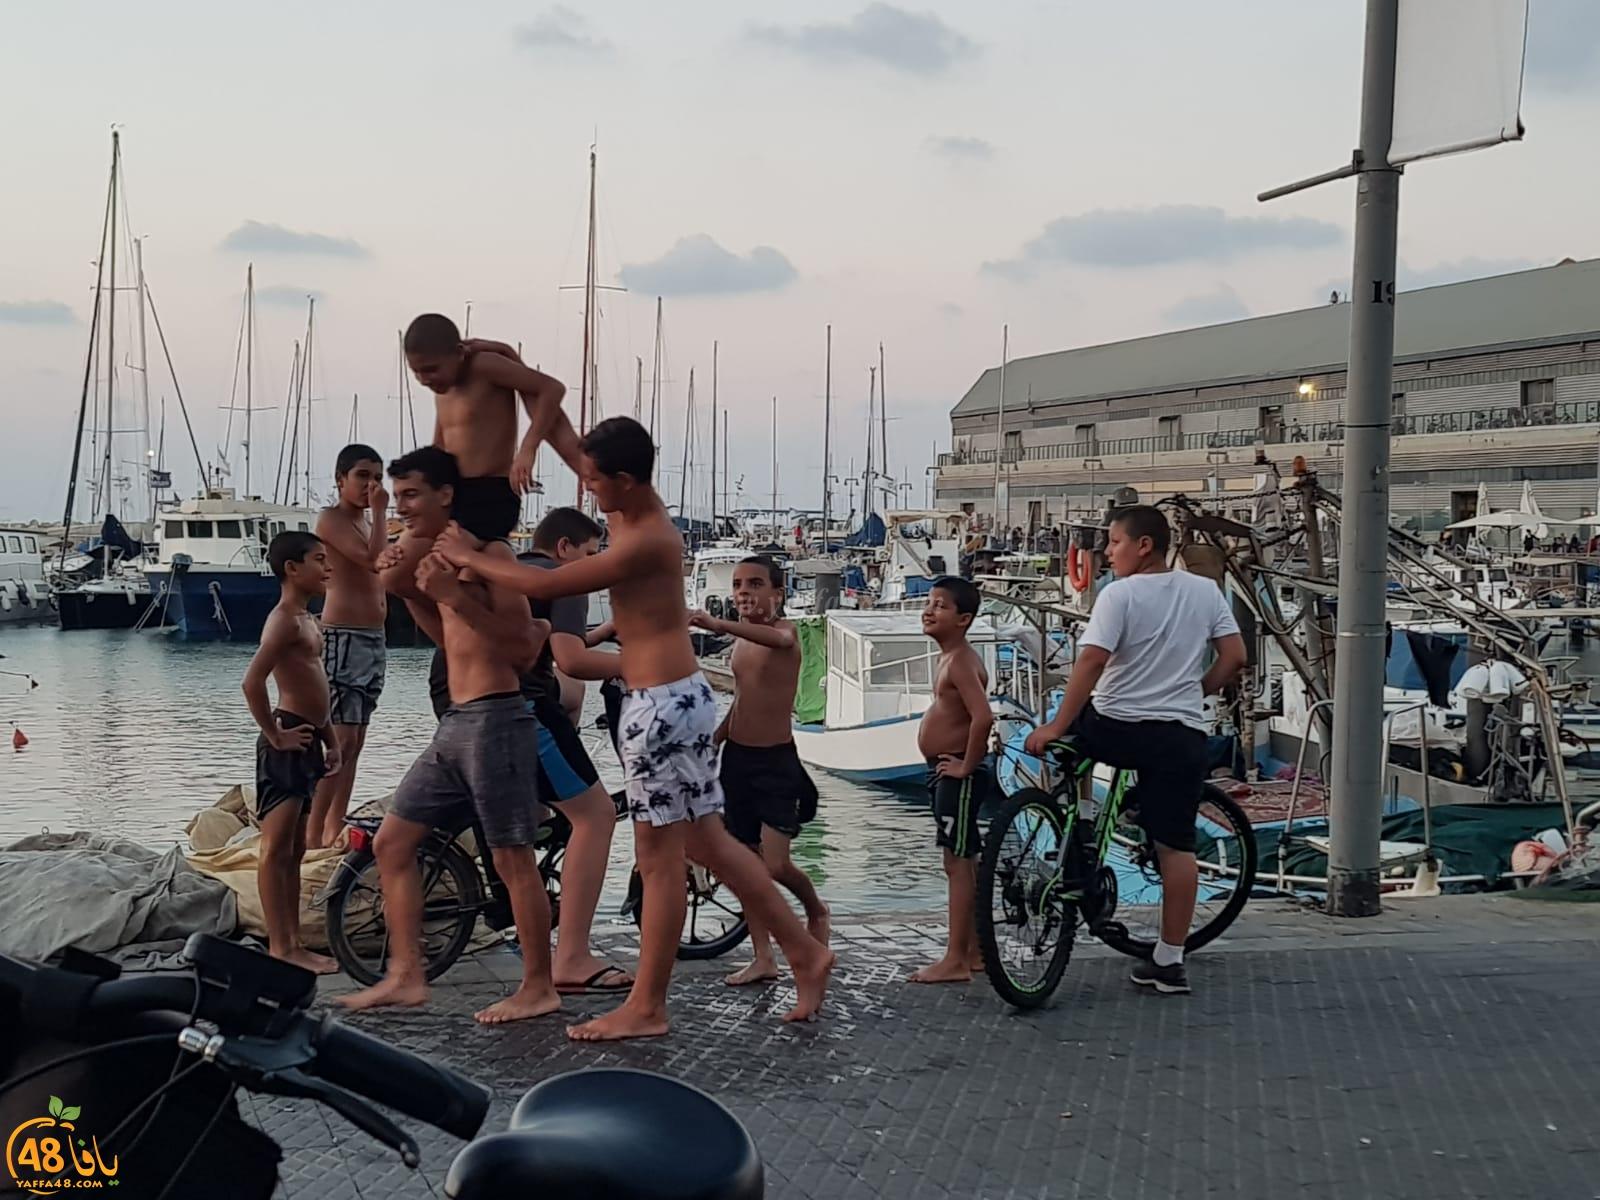 يافا: الشرطة تُبعد قاصريْن عن ميناء يافا بحجة السباحة في مرفأ الميناء